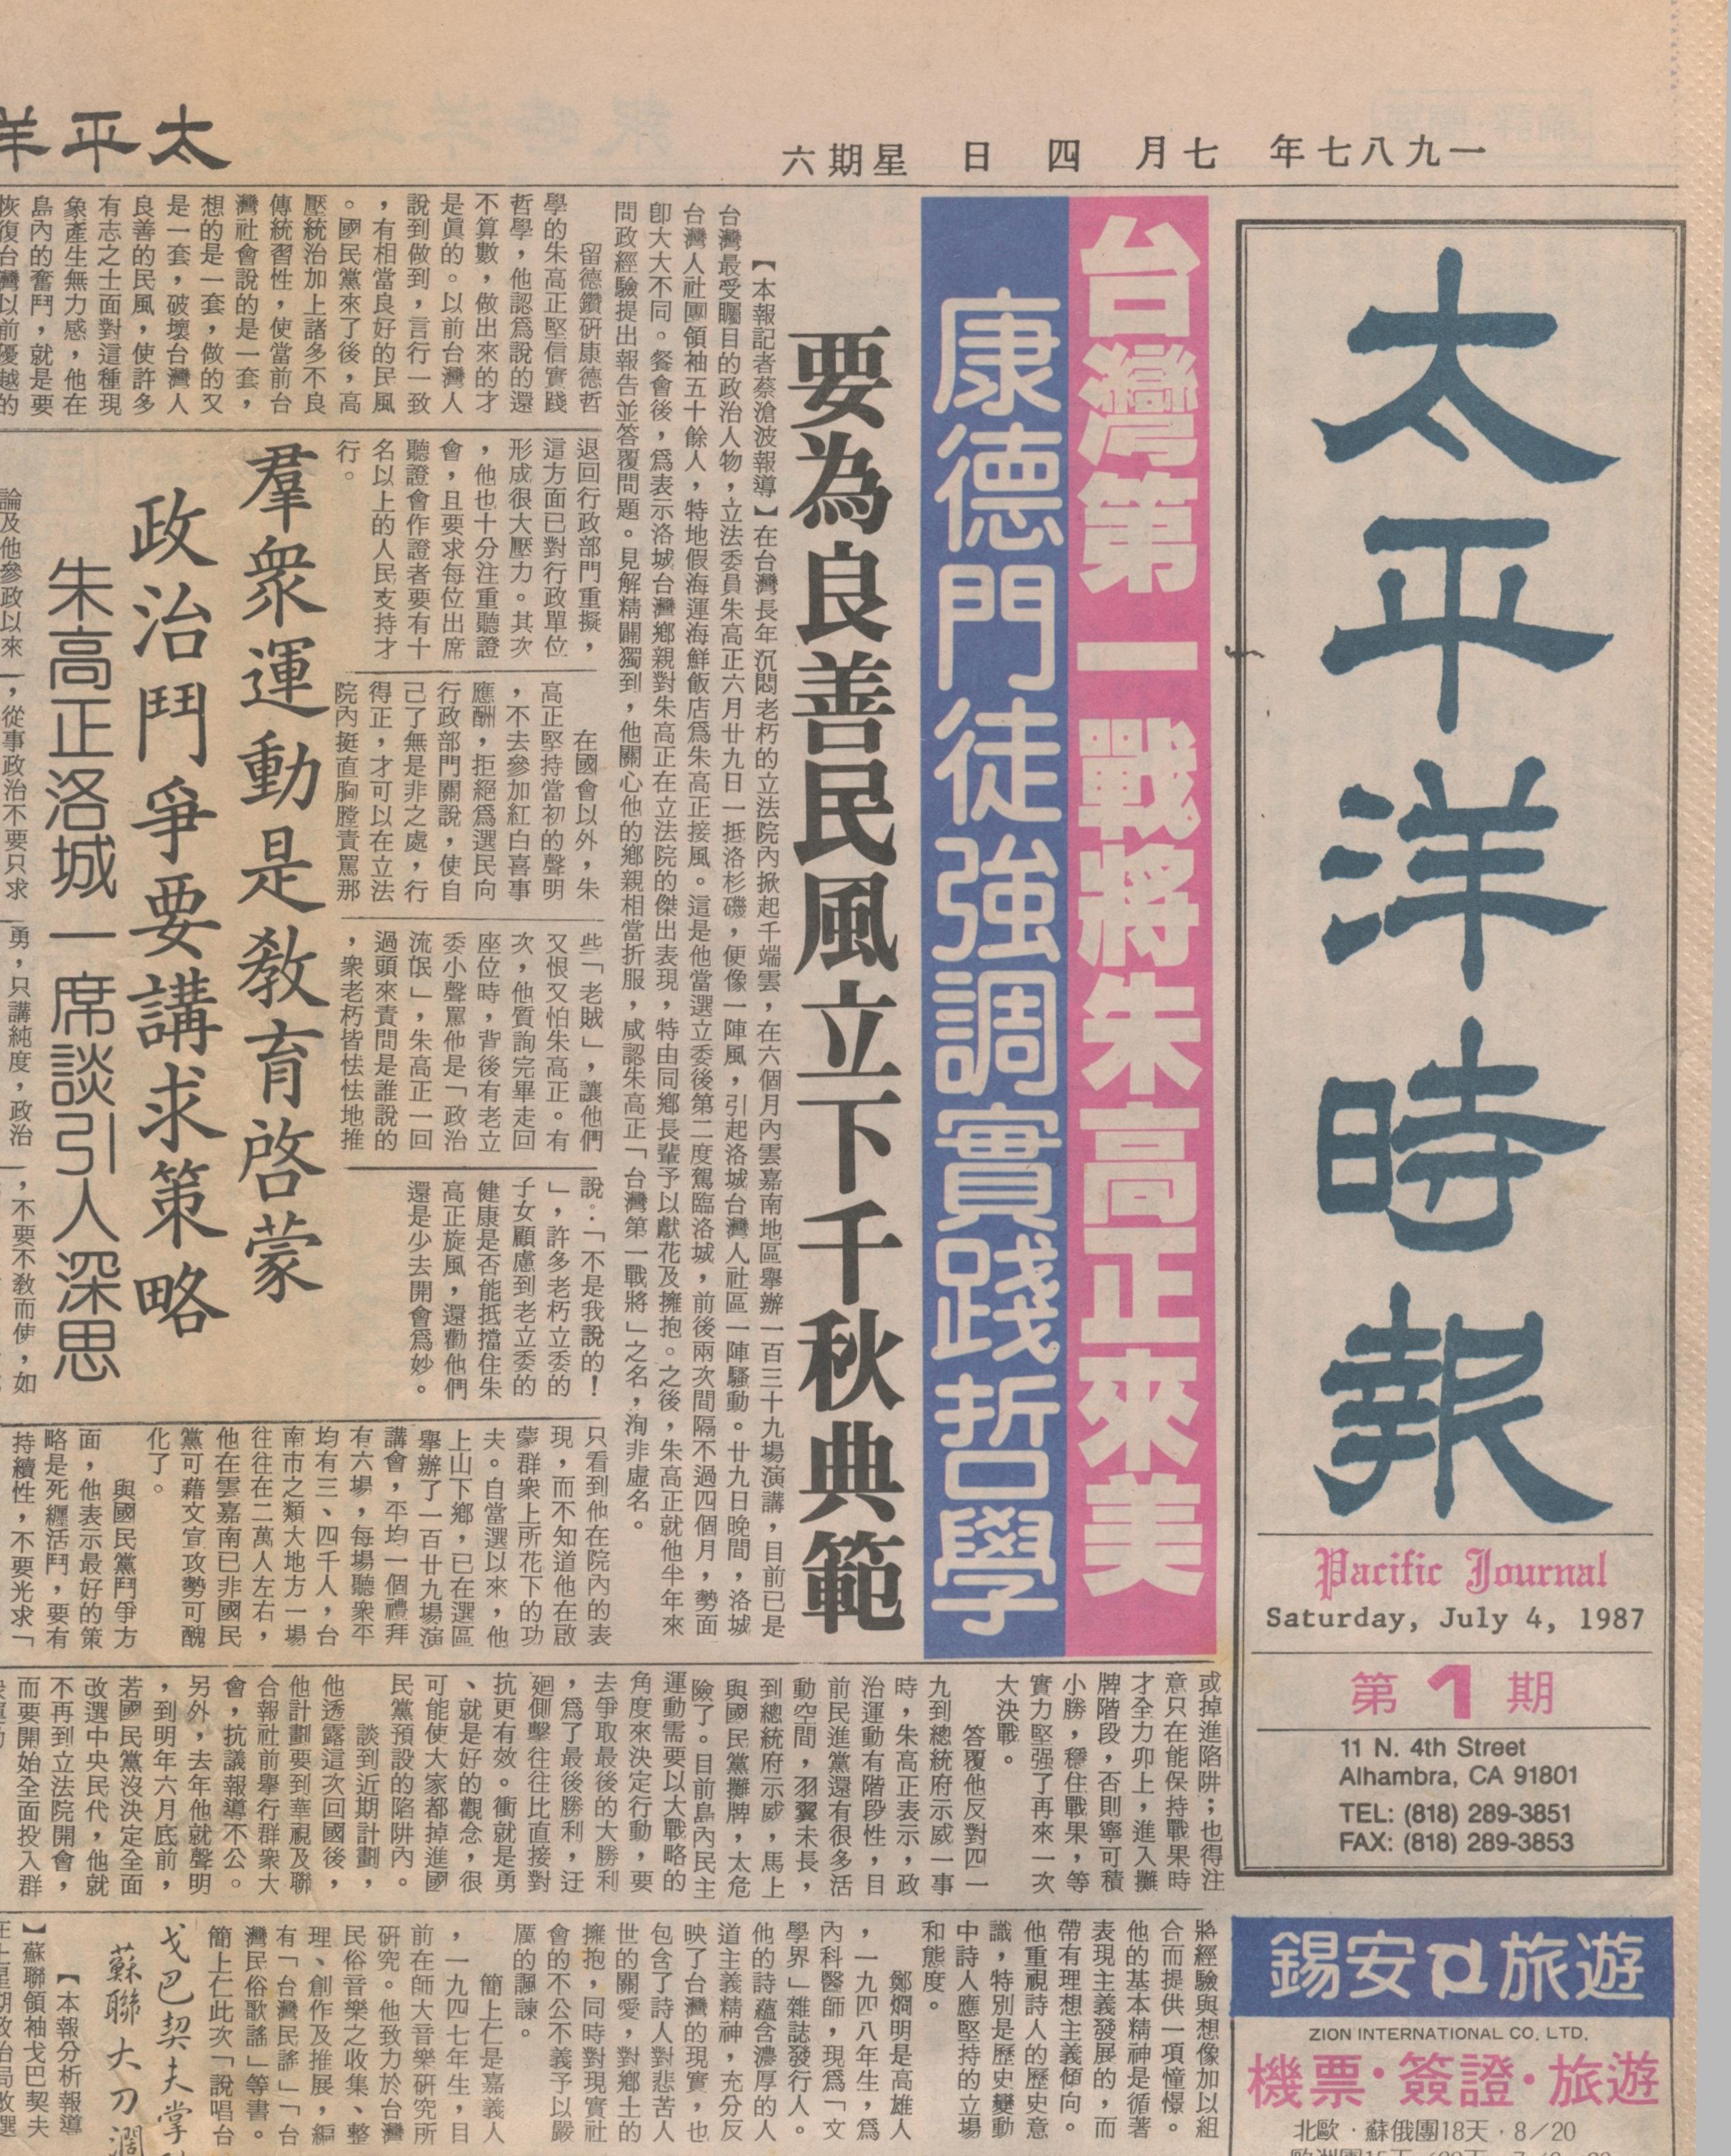 太平洋時報 創刊號 - 0001